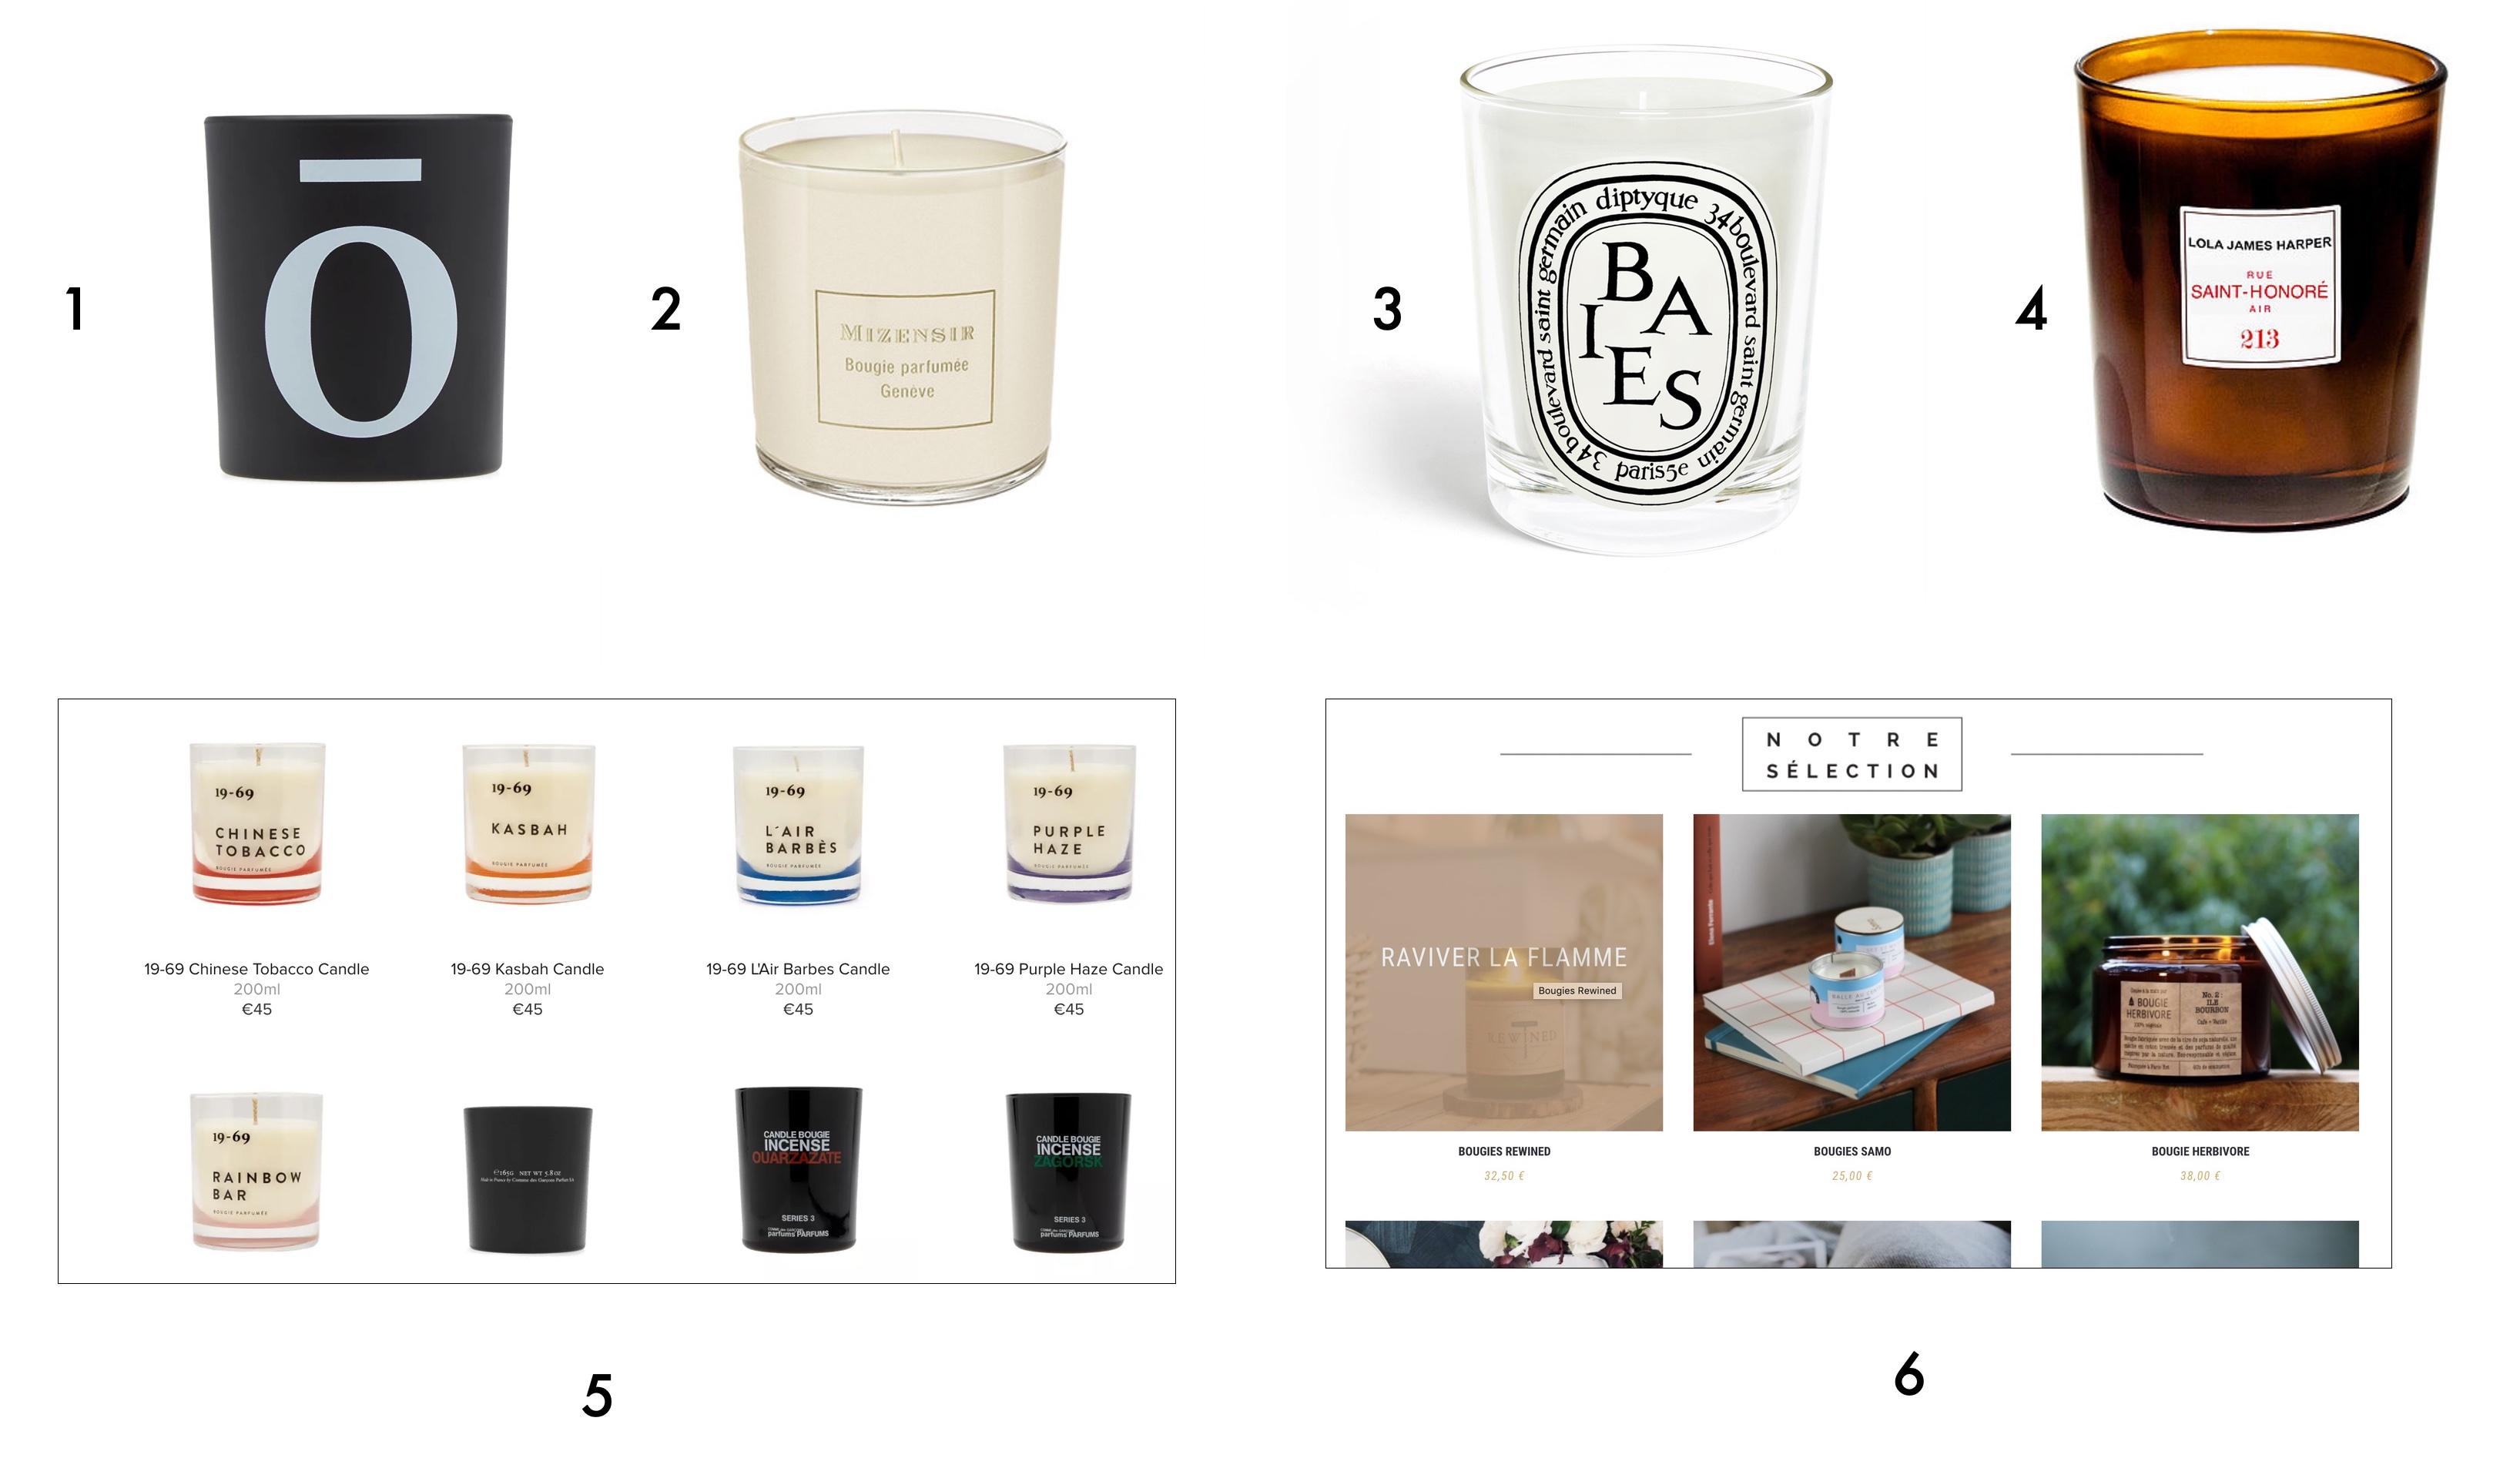 100 id es cadeaux de no l pour femme verygoodlord. Black Bedroom Furniture Sets. Home Design Ideas